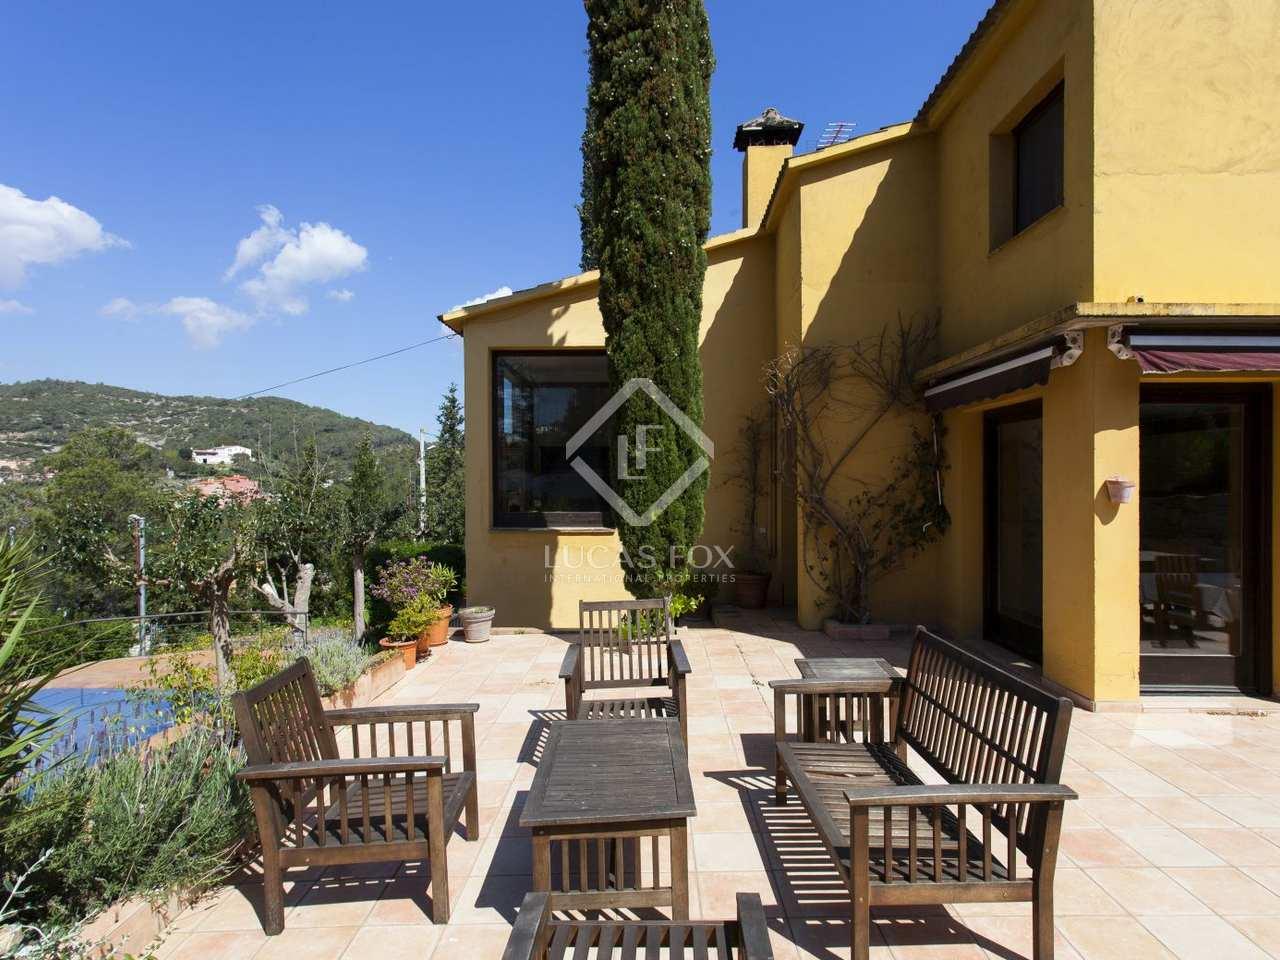 Casa familiar con piscina en venta en sitges barcelona for Casas con piscina barcelona